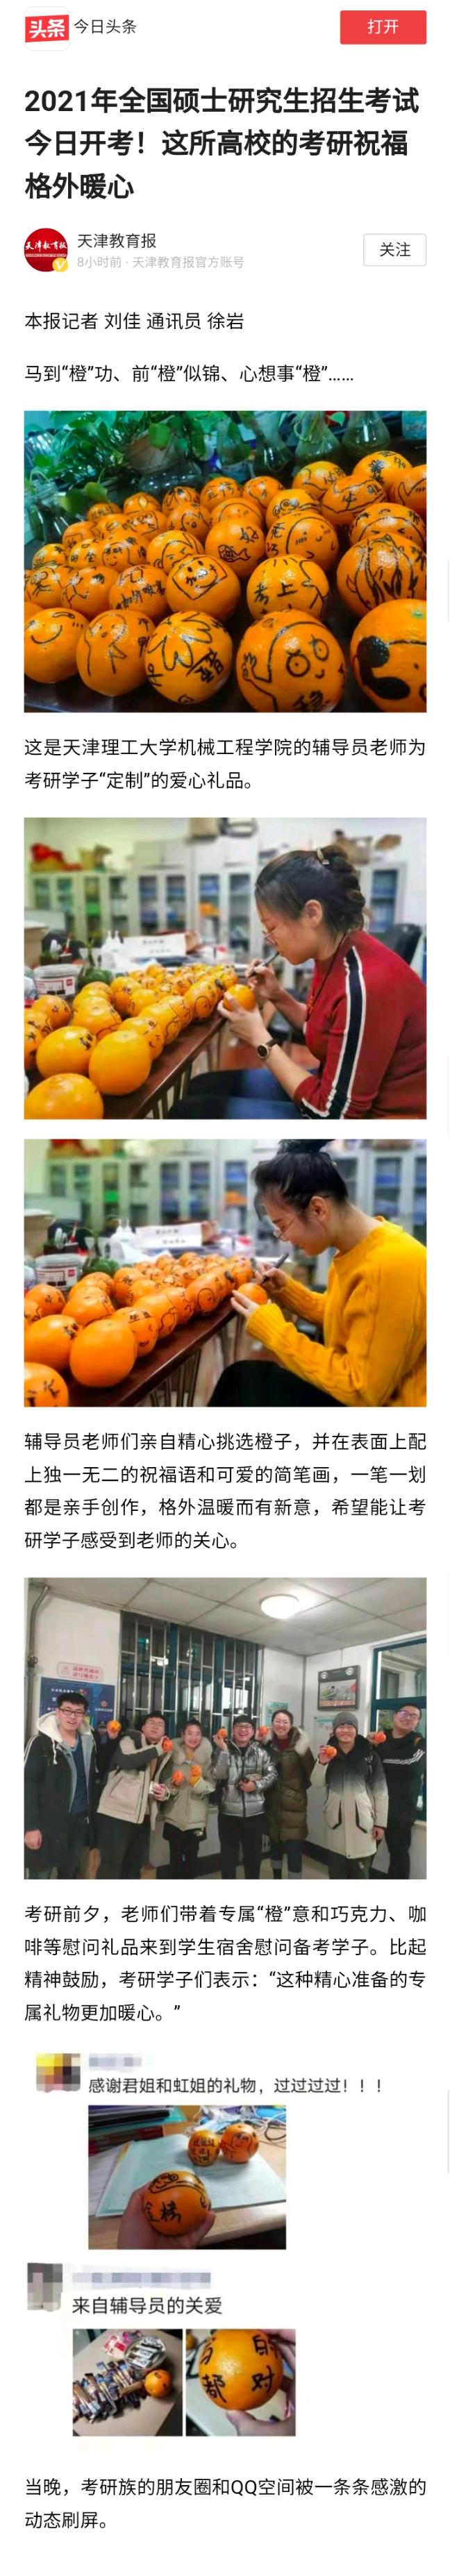 媒体矩阵 |天津教育报:2021年全国硕士研究生招生考试今日开考!这所高校的考研祝福格外暖心图片